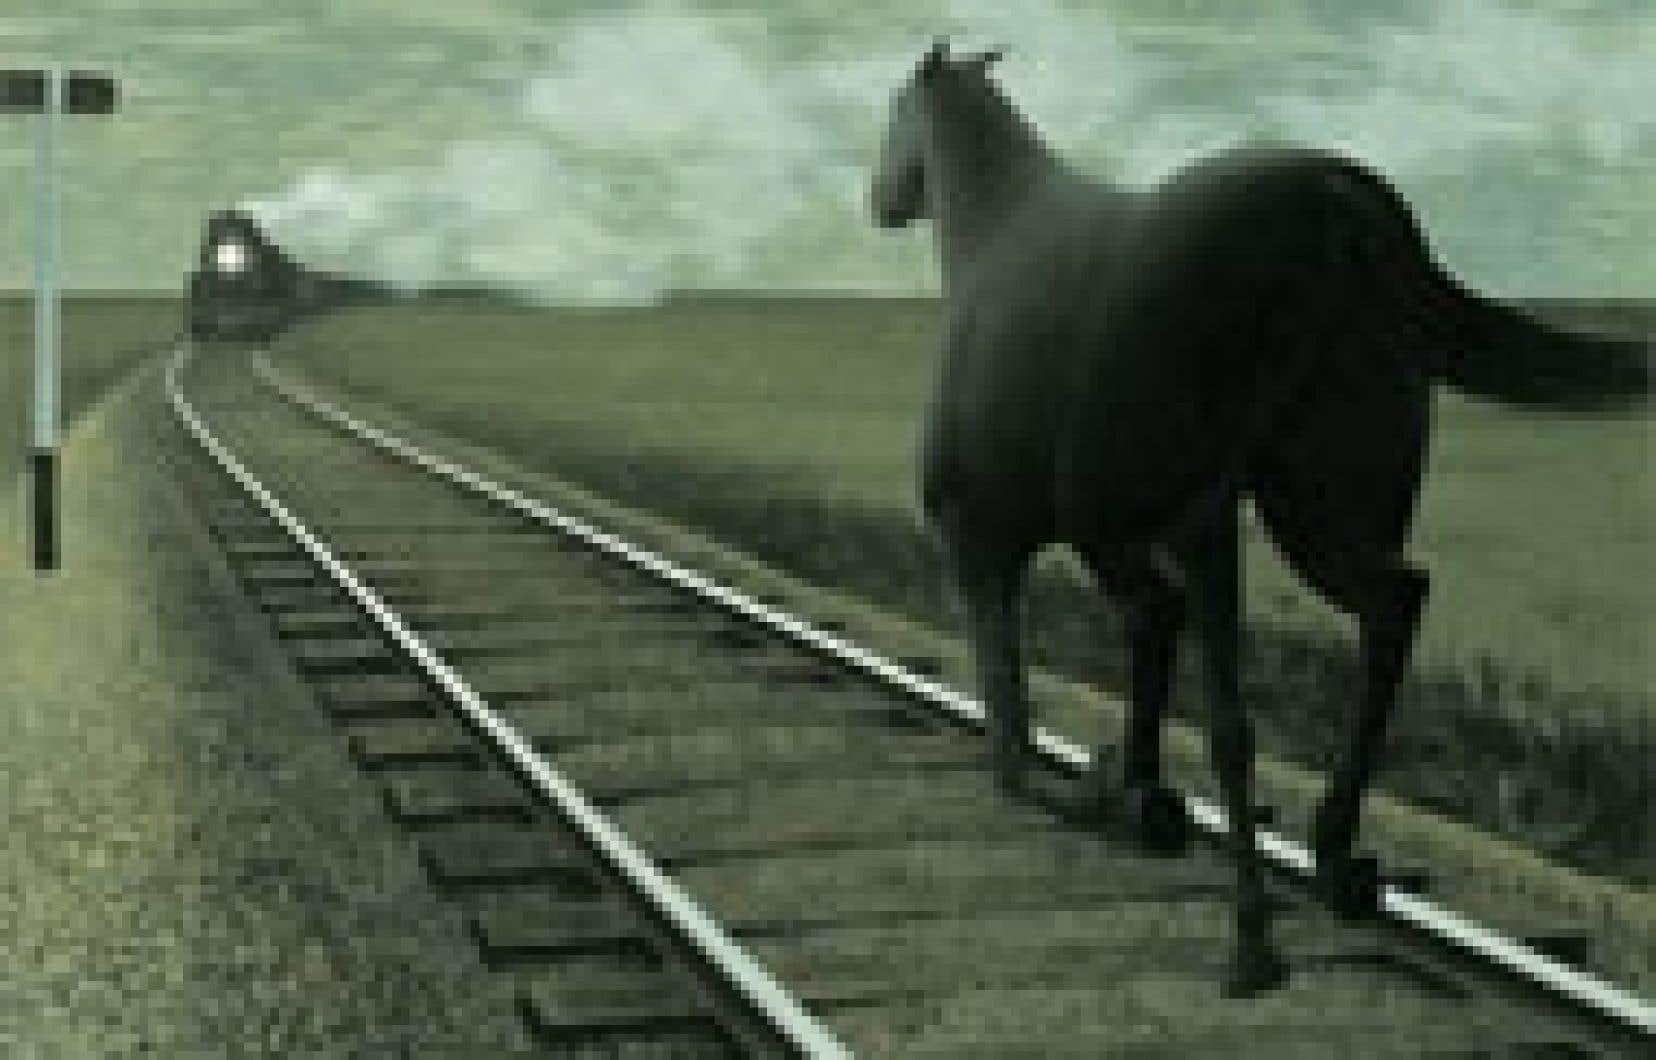 Le tableau Horse and Train du Canadien Alex Colville. Collection permanente de l'Art Gallery of Hamilton. Source: Art Gallery of Hamilton